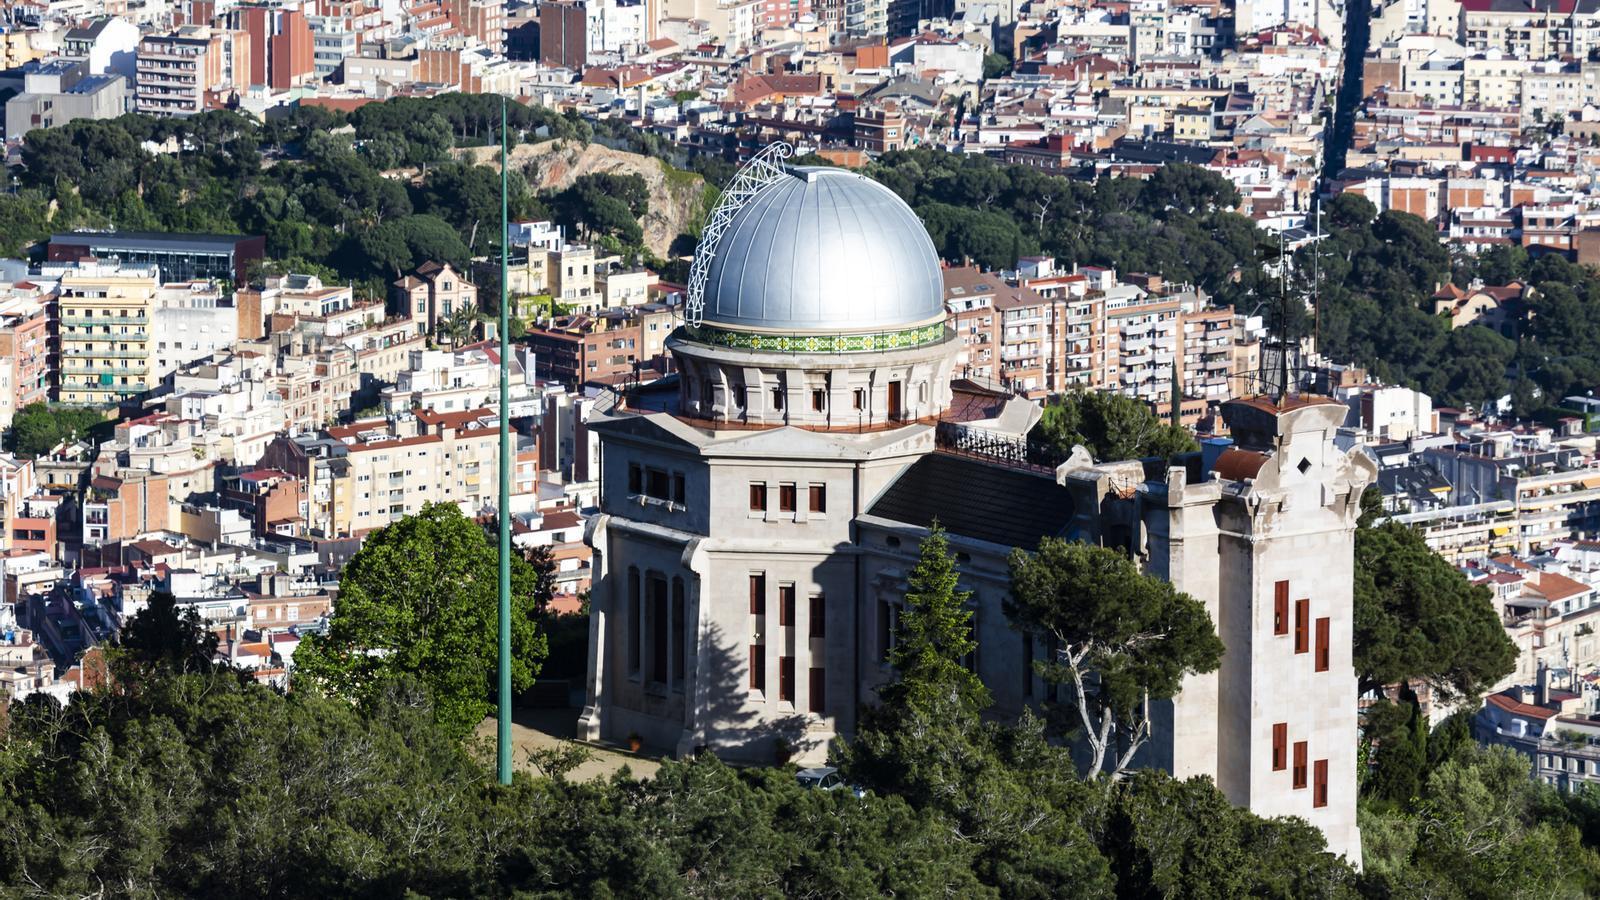 L'observatori Fabra i la ciutat als peus